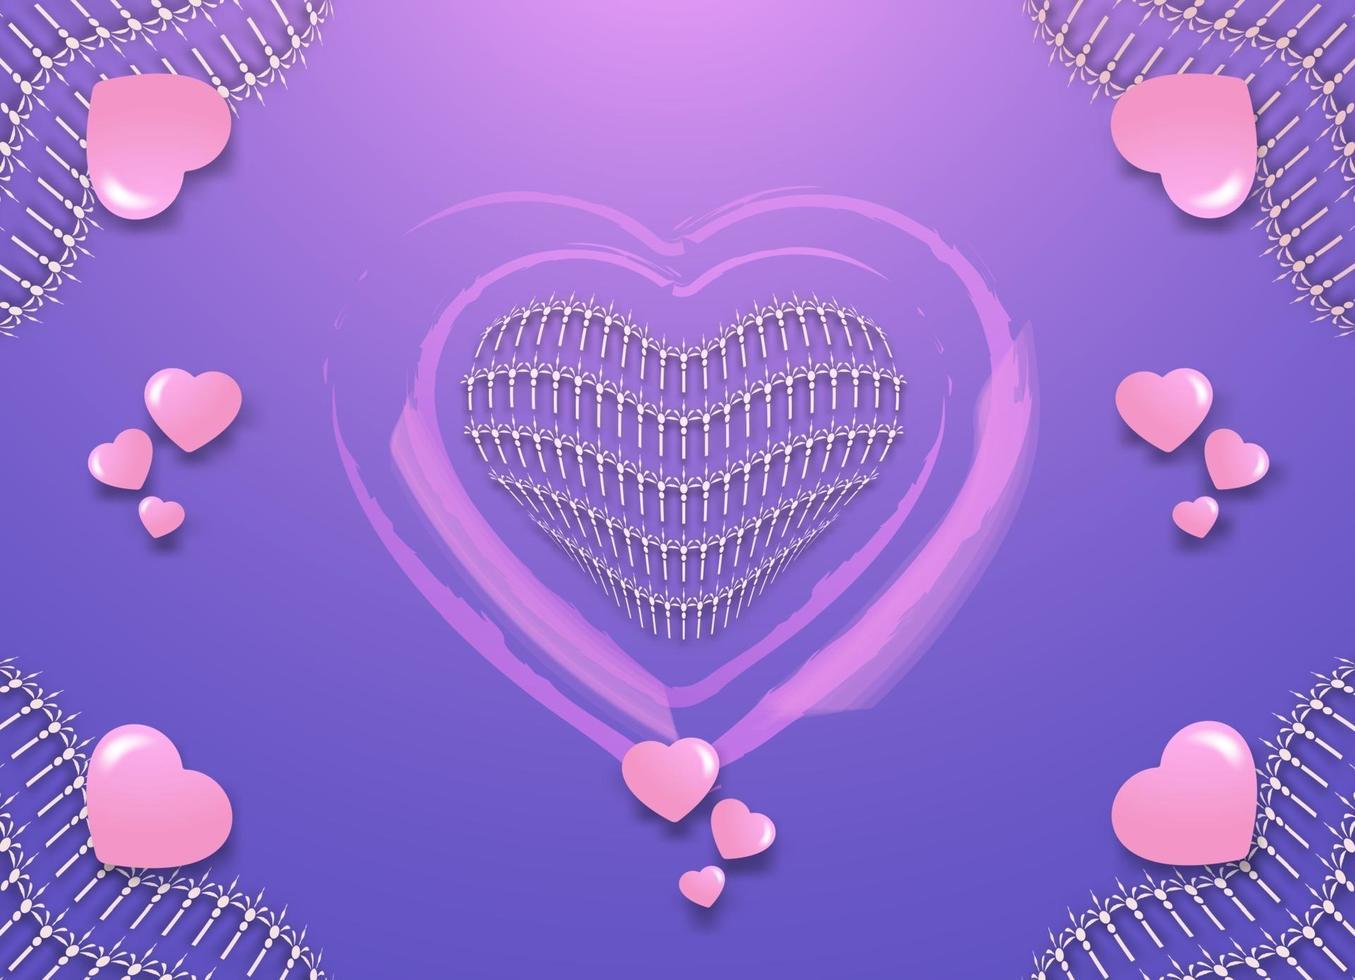 fond de coeur abstrait vecteur